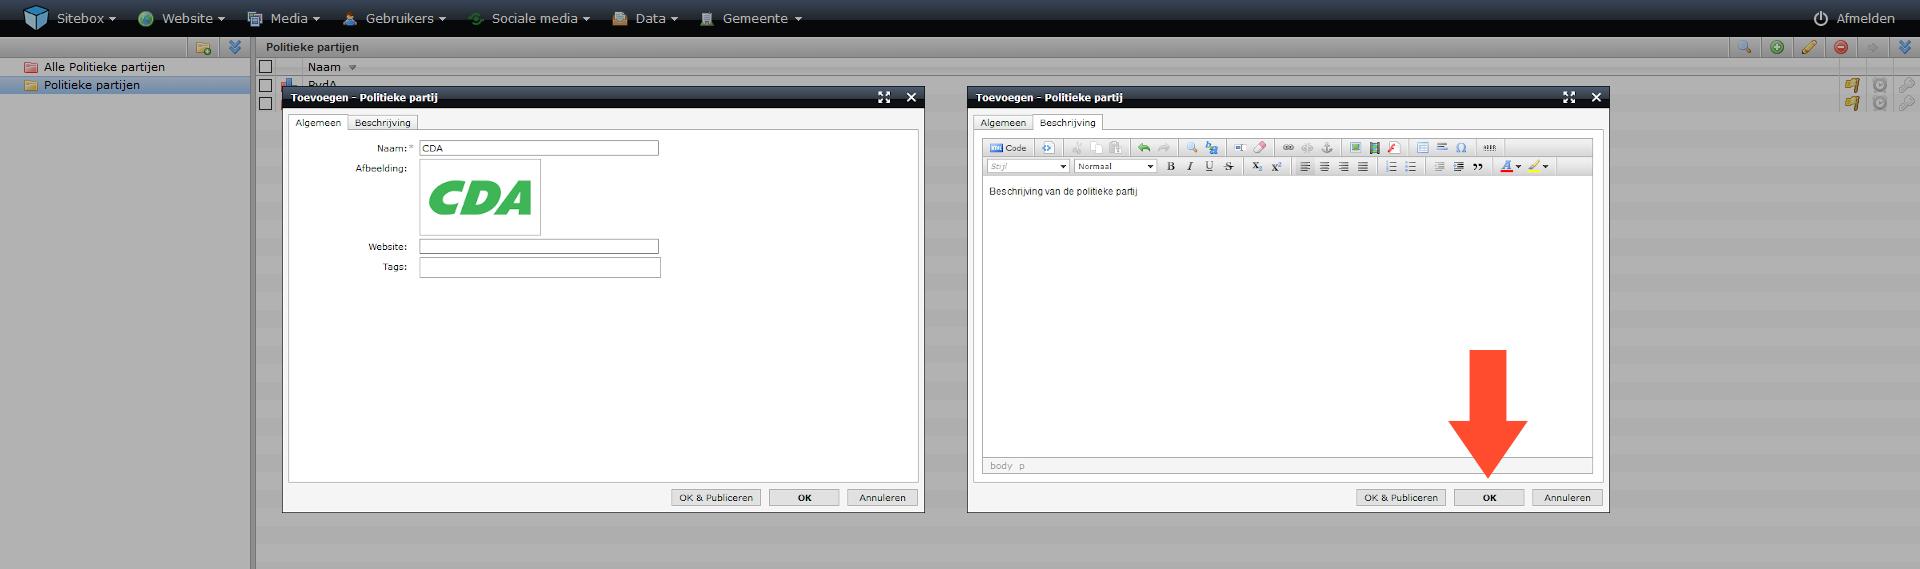 schermafdruk van de twee tabbladen van het scherm politieke partij toevoegen